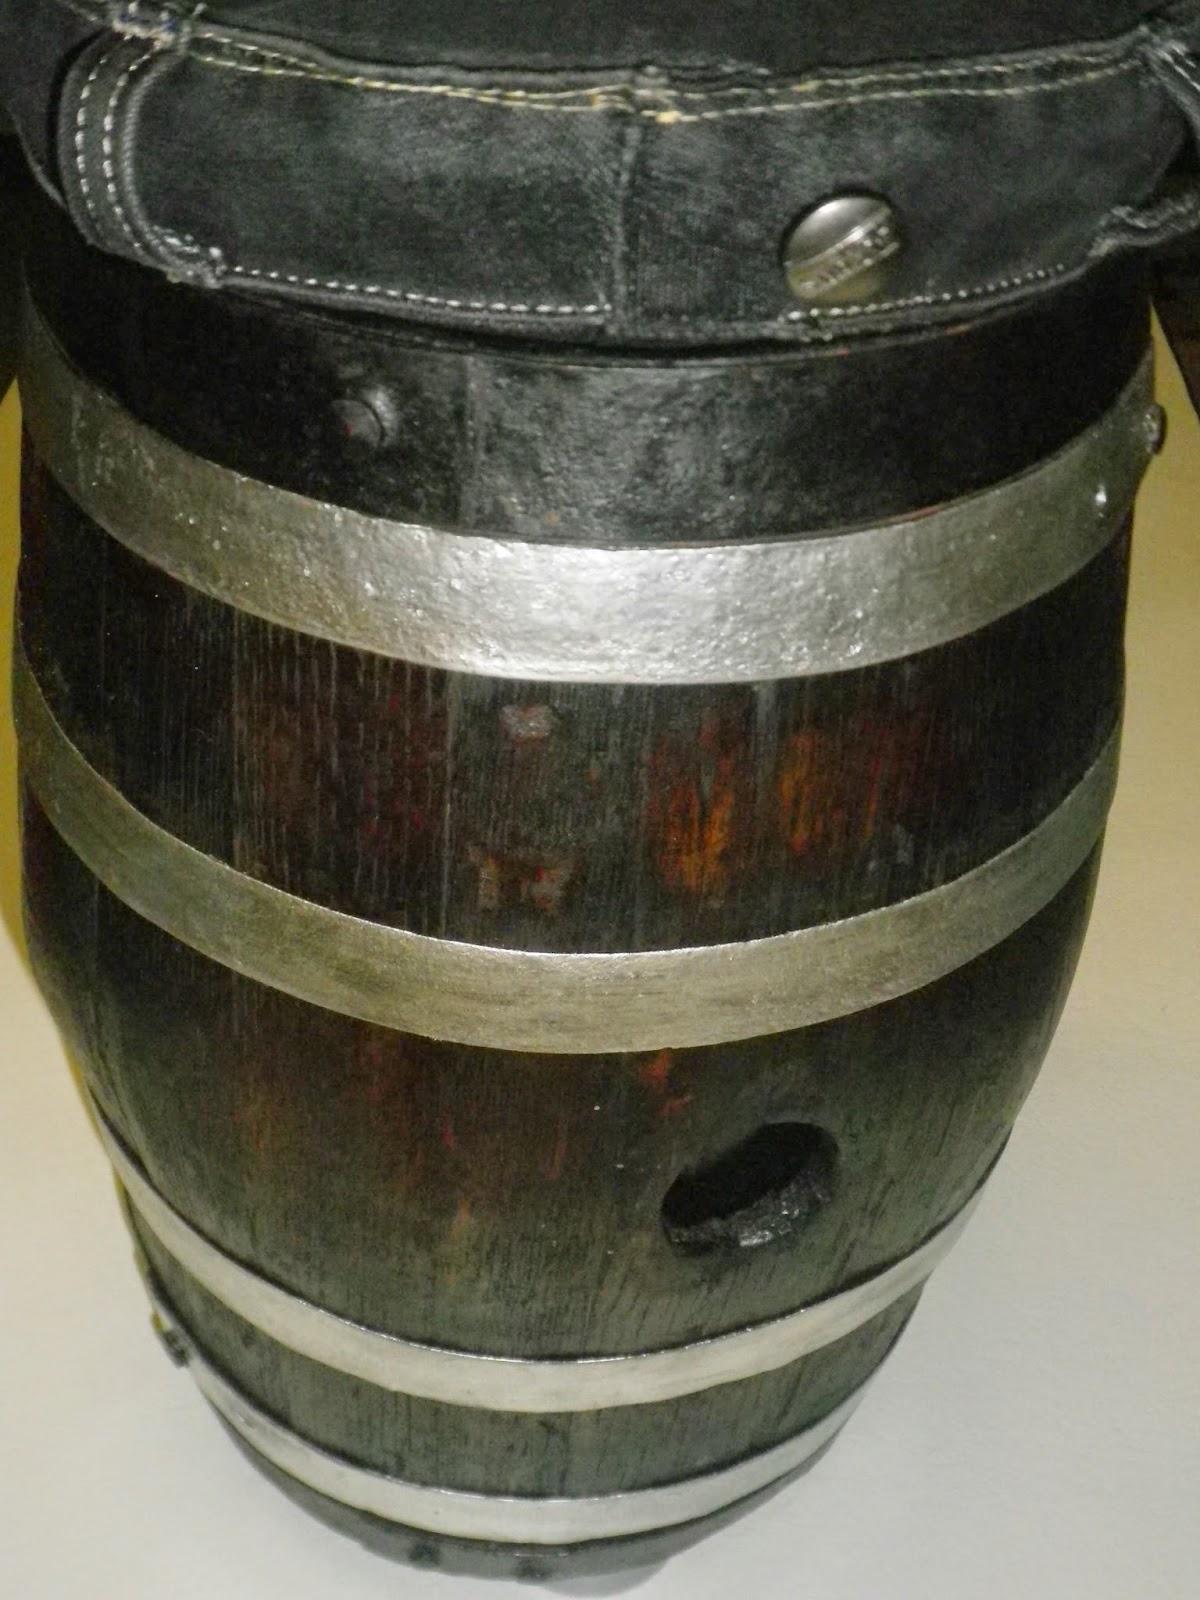 Cinnamon art barril de vino recuperado en taburete - Barril de vino ...